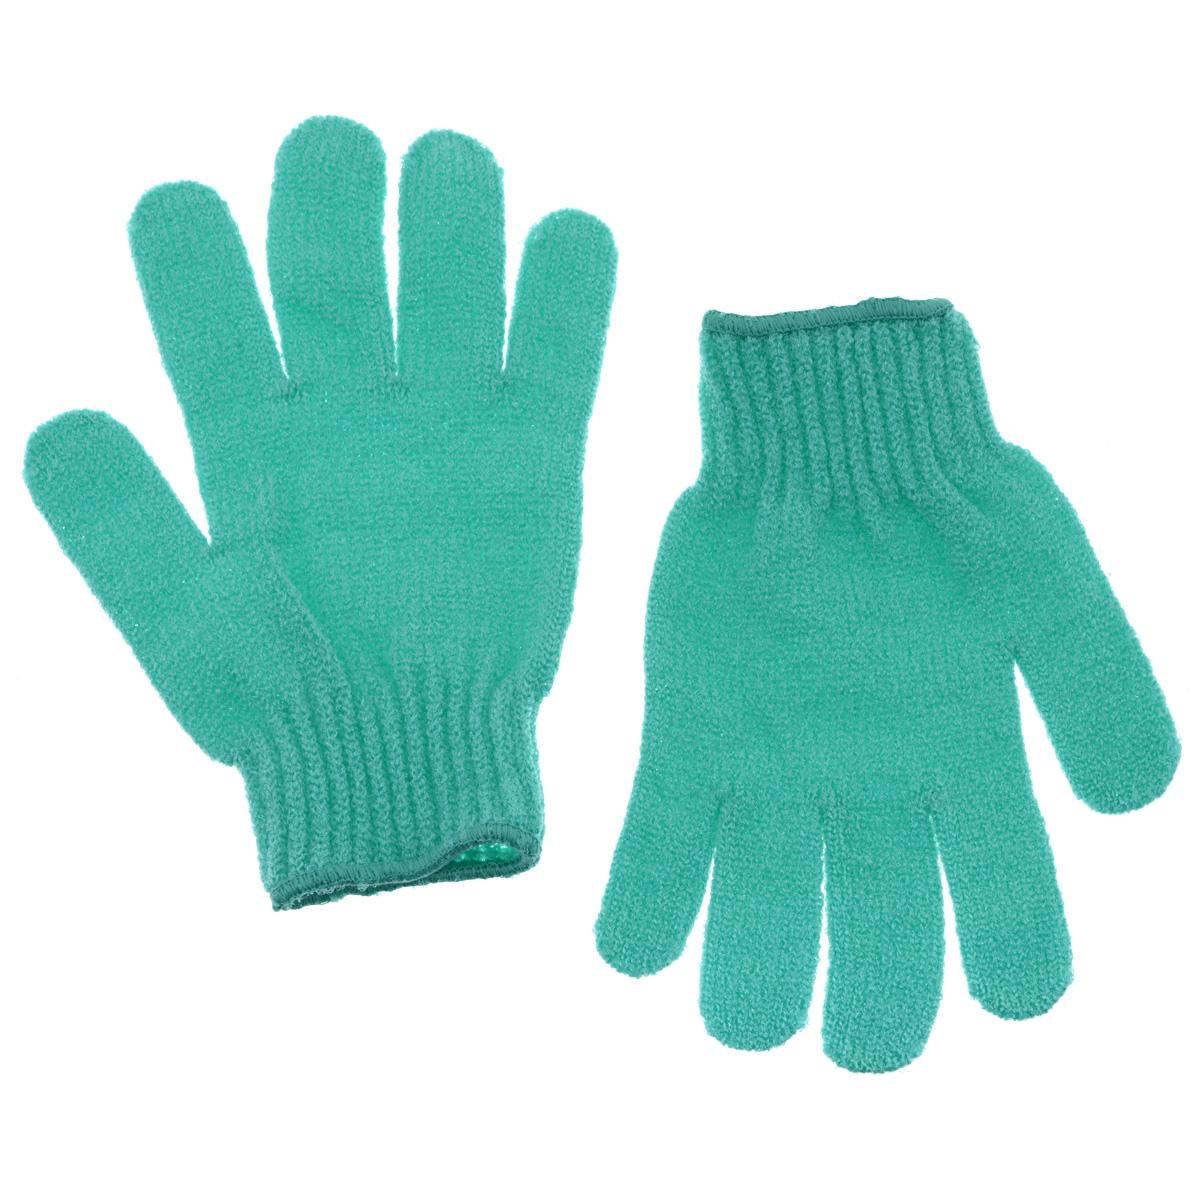 Riffi Перчатки для пилинга, цвет: бирюзовый35004_зеленыйЭластичные безразмерные перчатки Riffi обладают активным антицеллюлитным эффектом и отличным пилинговым действием, тонизируя, массируя и эффективно очищая вашу кожу. Riffi освобождает кожу от отмерших клеток, стимулирует регенерацию. Эффективно предупреждают образование целлюлита и обеспечивают омолаживающий эффект. Кожа становится гладкой, упругой и лучше готовой к принятию косметических средств. Интенсивный и пощипывающе свежий массаж тела с применением Riffi стимулирует кровообращение, активирует кровоснабжение, способствует обмену веществ. В комплекте 1 пара перчаток. Характеристики:Материал: 100% полиакрил. Размер перчатки (в нерастянутом виде): 17,5 см x 12,5 см. Артикул:615.